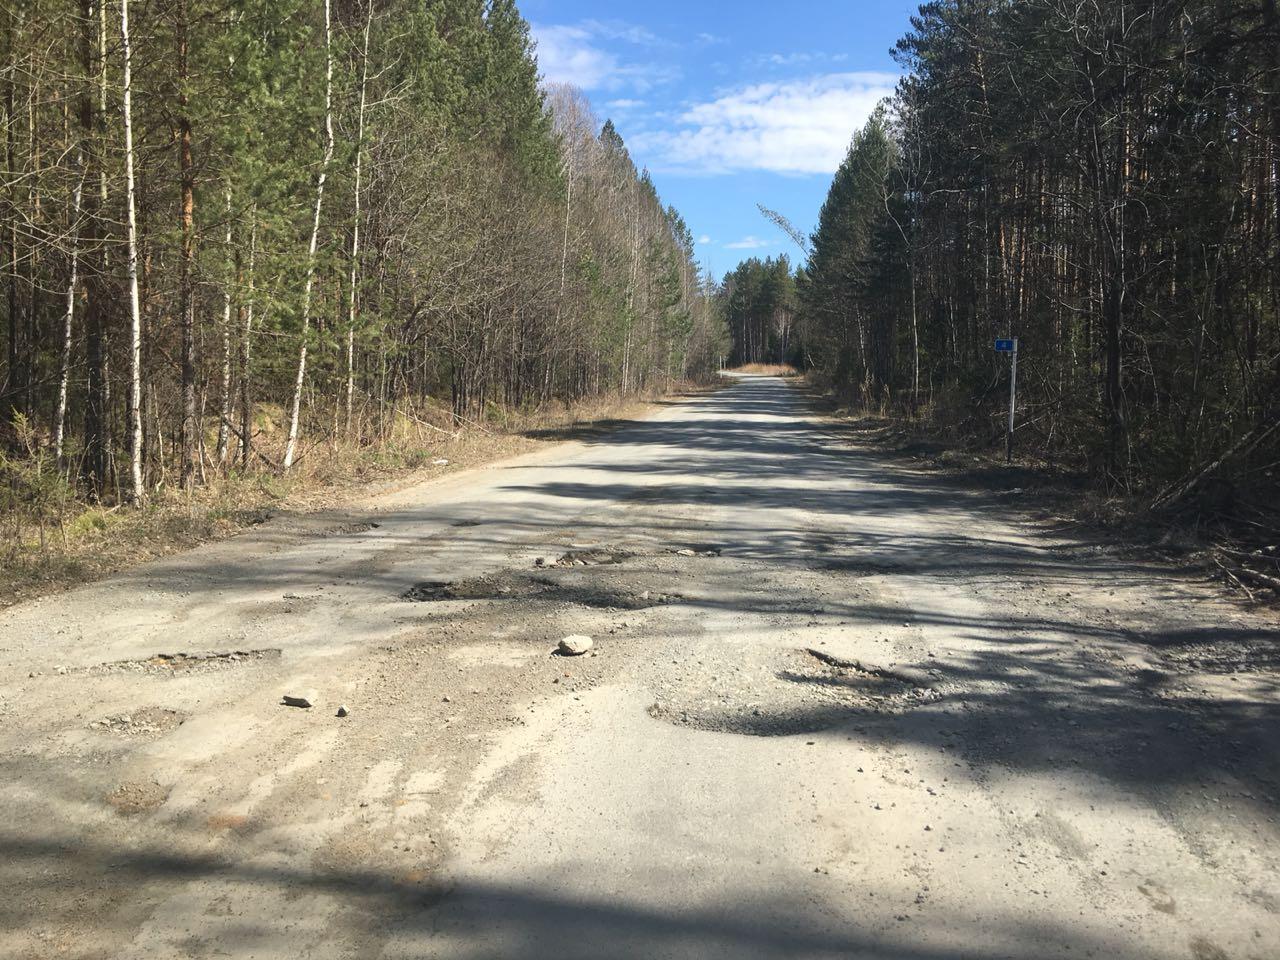 В ГИБДД рассказали о критической ситуации с дорогами в двух свердловских муниципалитетах